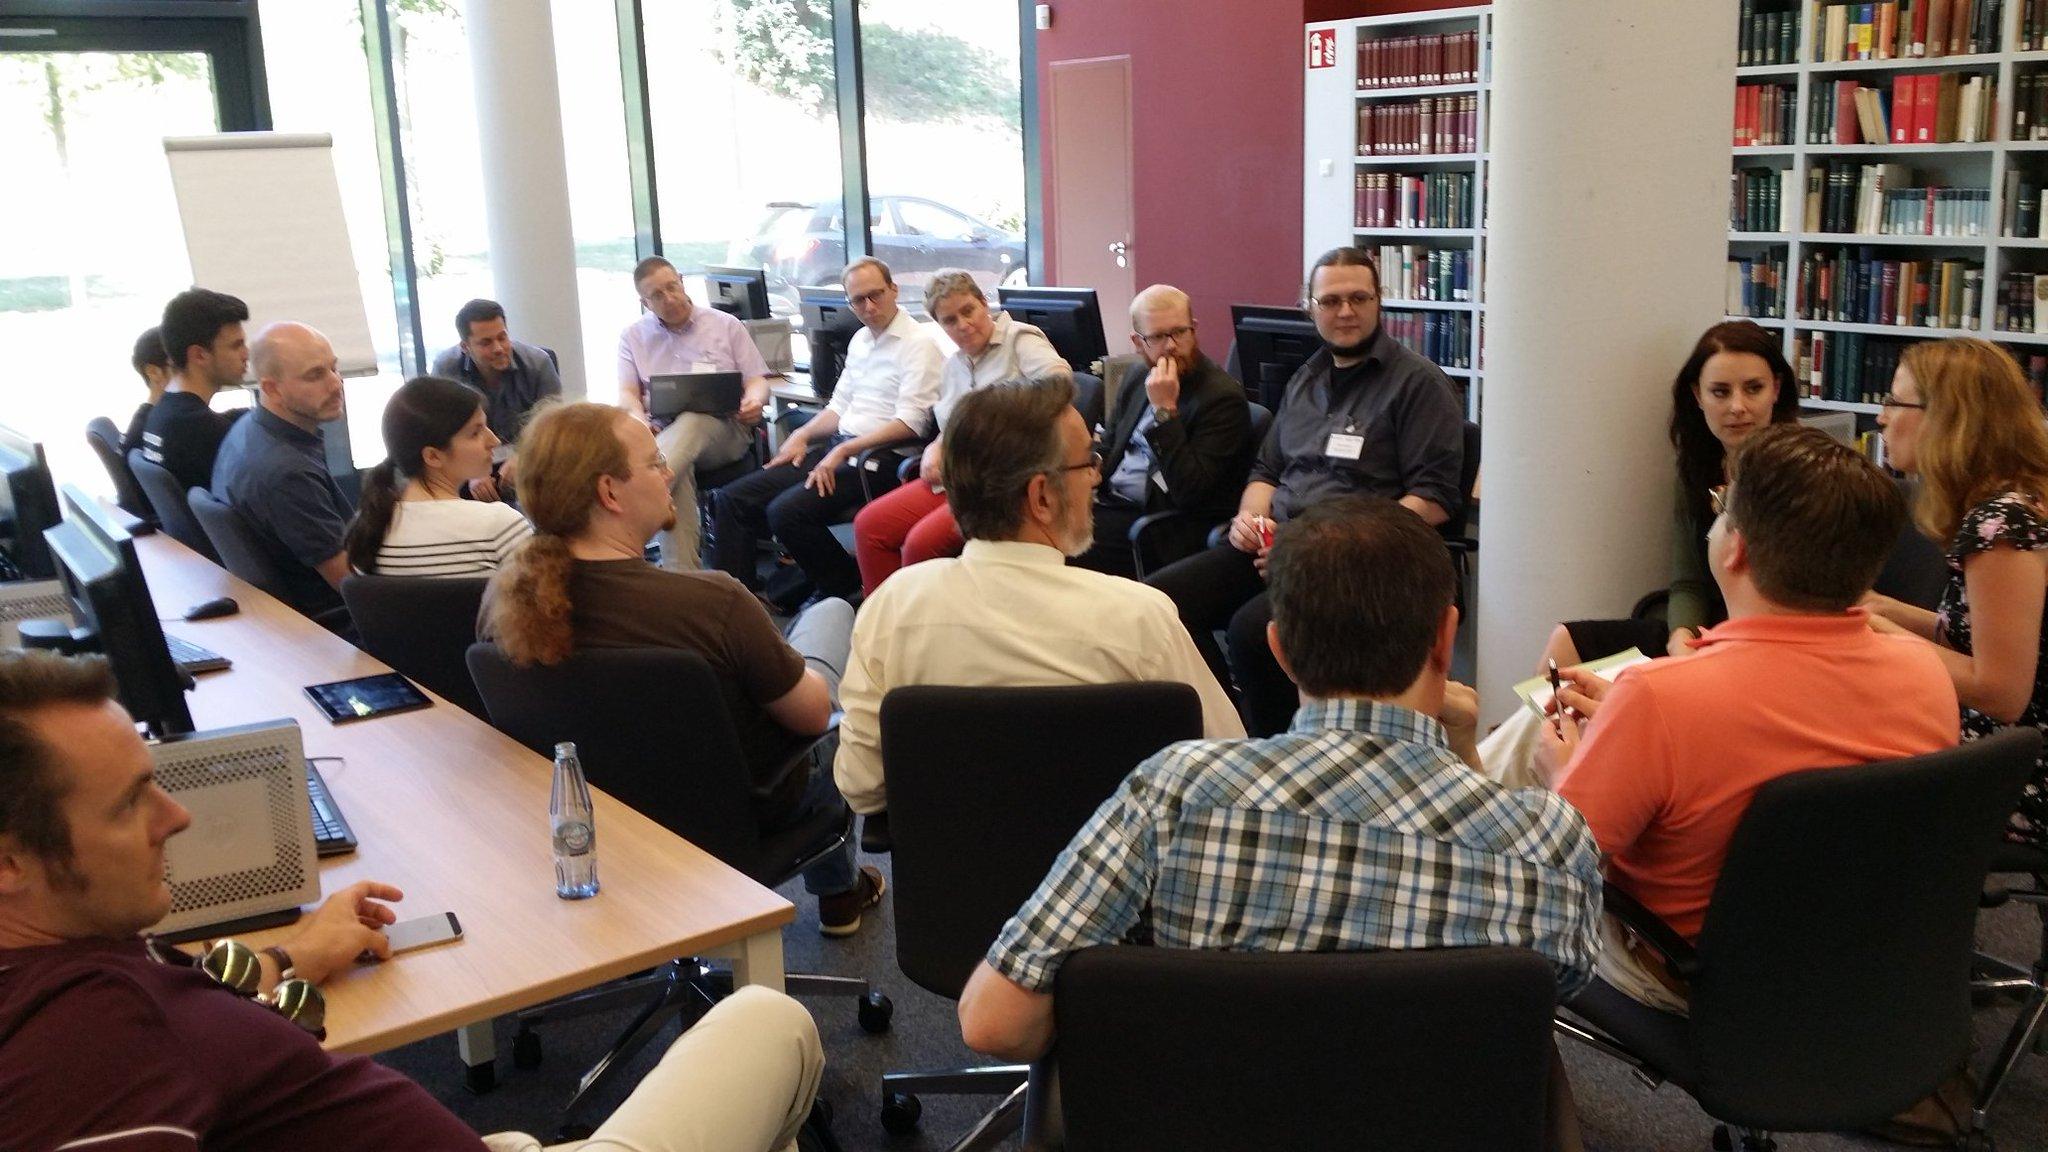 Session laufen. Auch im Lesesaal des Landesarchivs. #archivcamp https://t.co/KsCT1S7vDl